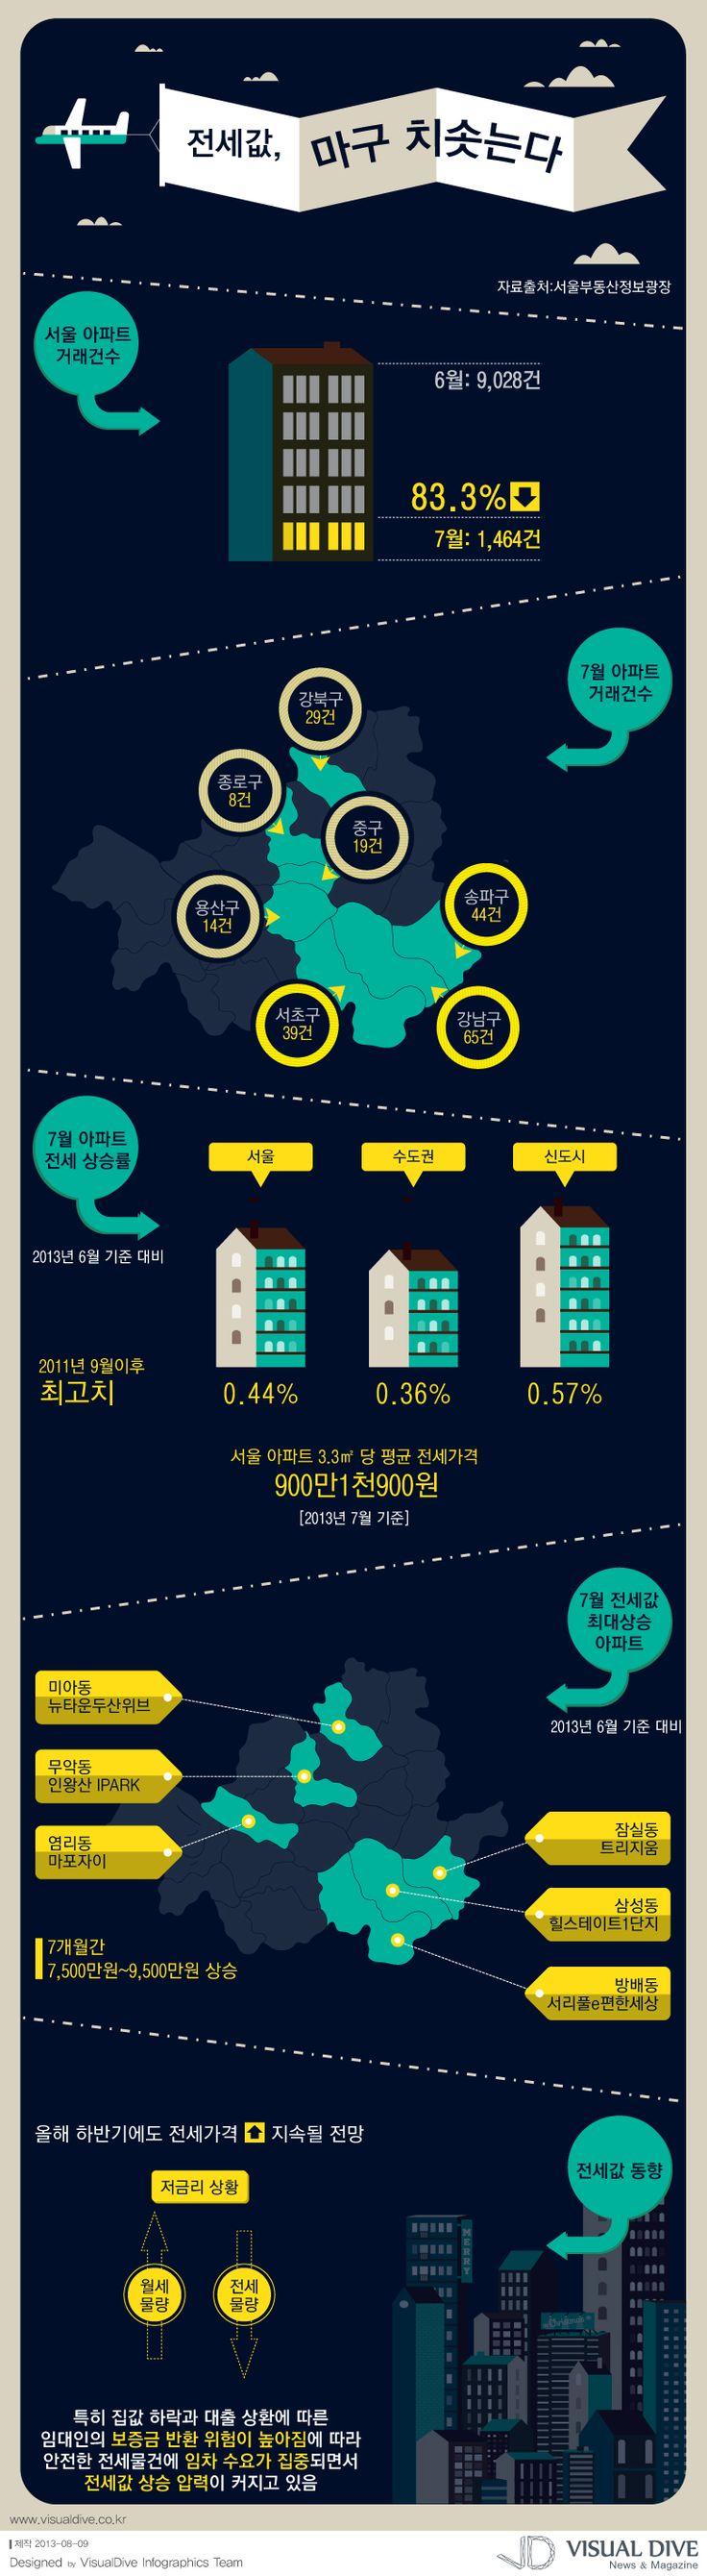 """[인포그래픽] 천정부지 전세값, 언제까지 이어지나 """"property / Infographic"""" ⓒ 비주얼다이브 무단전재 및 재배포 금지"""